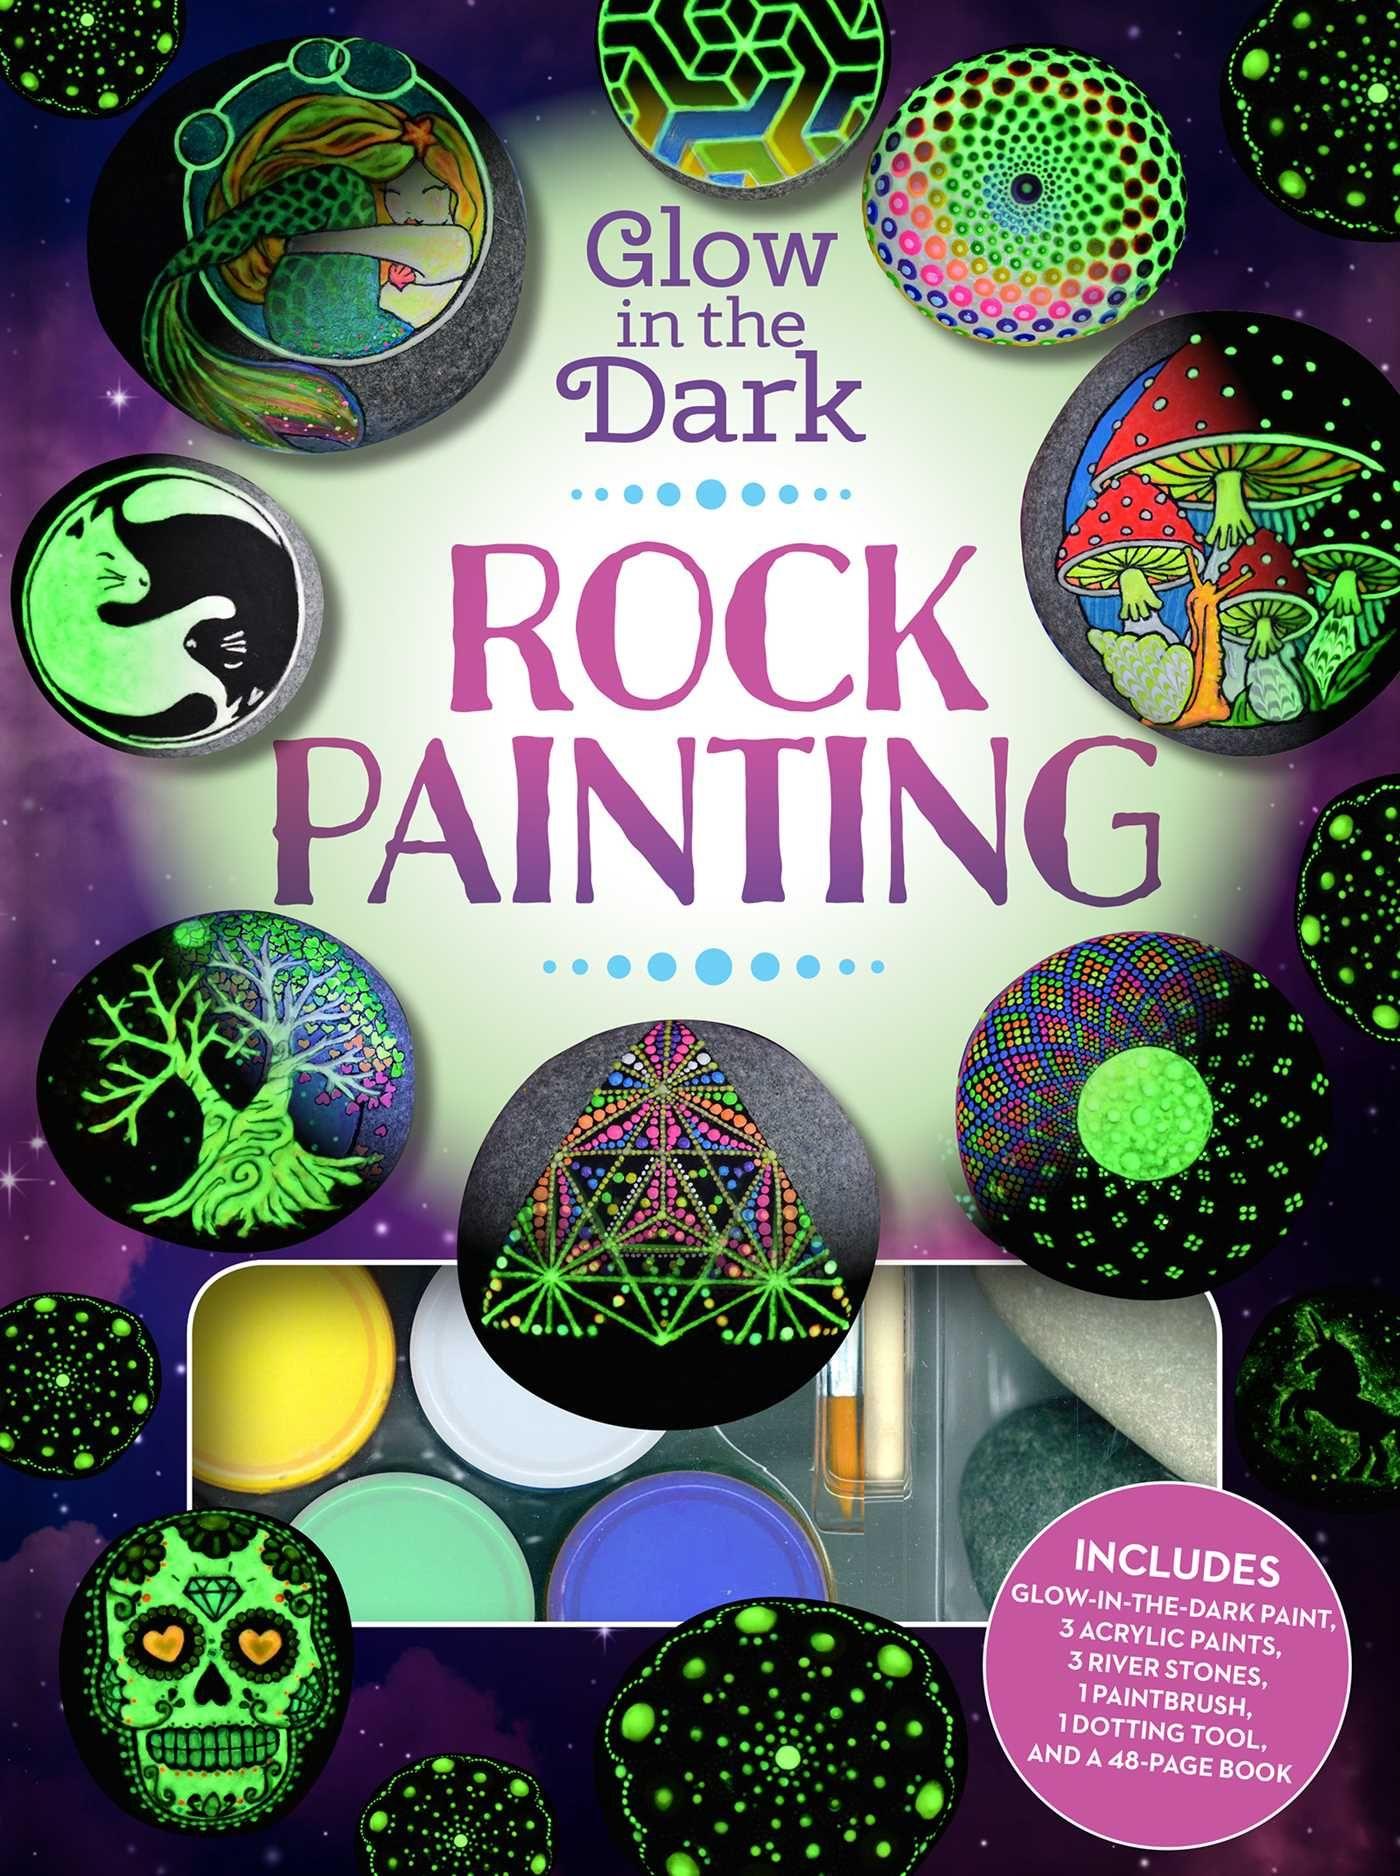 Glow In The Dark Rock Painting Walmart Com In 2021 Painted Rocks Rock Painting Patterns Glow In The Dark